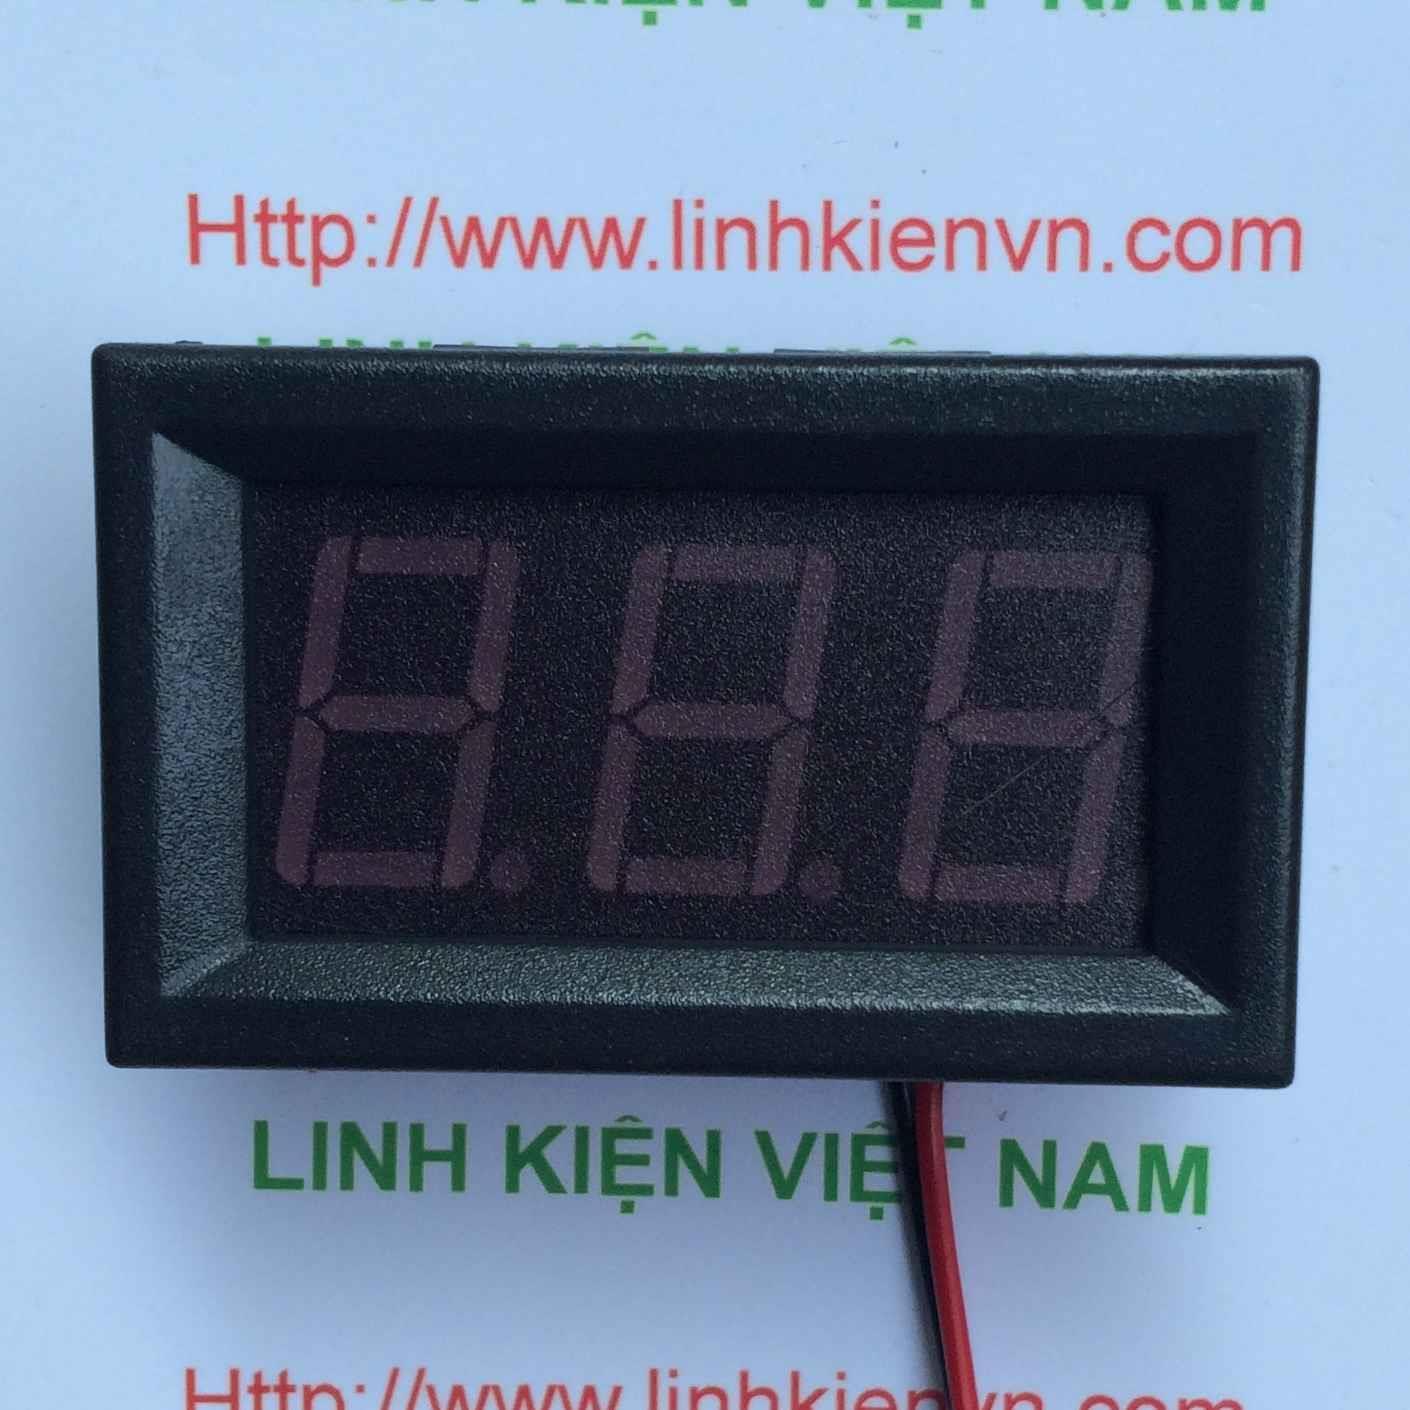 Vôn kế Đo Hiển Thị Điện Áp 0-100V DNS-DVM-568HV / Module Đo Hiển Thị Điện Áp bằng 2 dây - G1H18